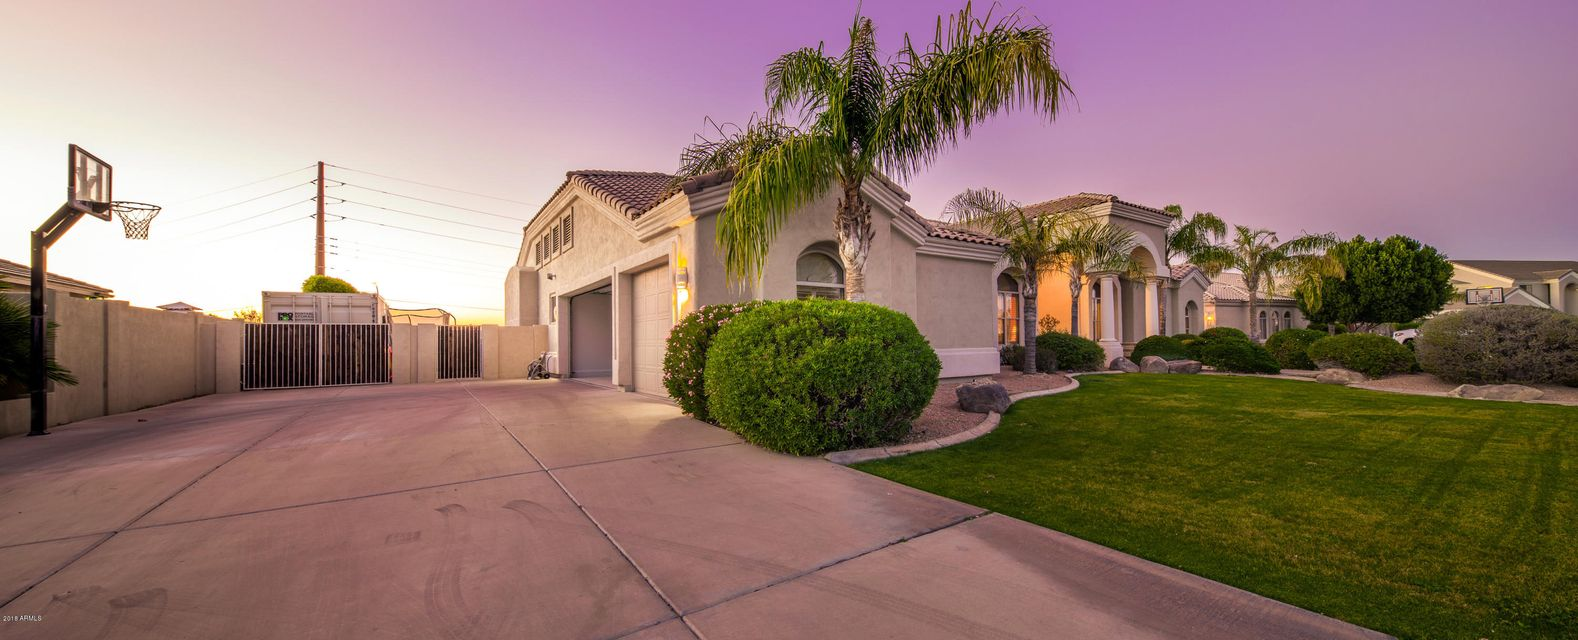 2024 E Norcroft Street Mesa, AZ 85213 - MLS #: 5720557